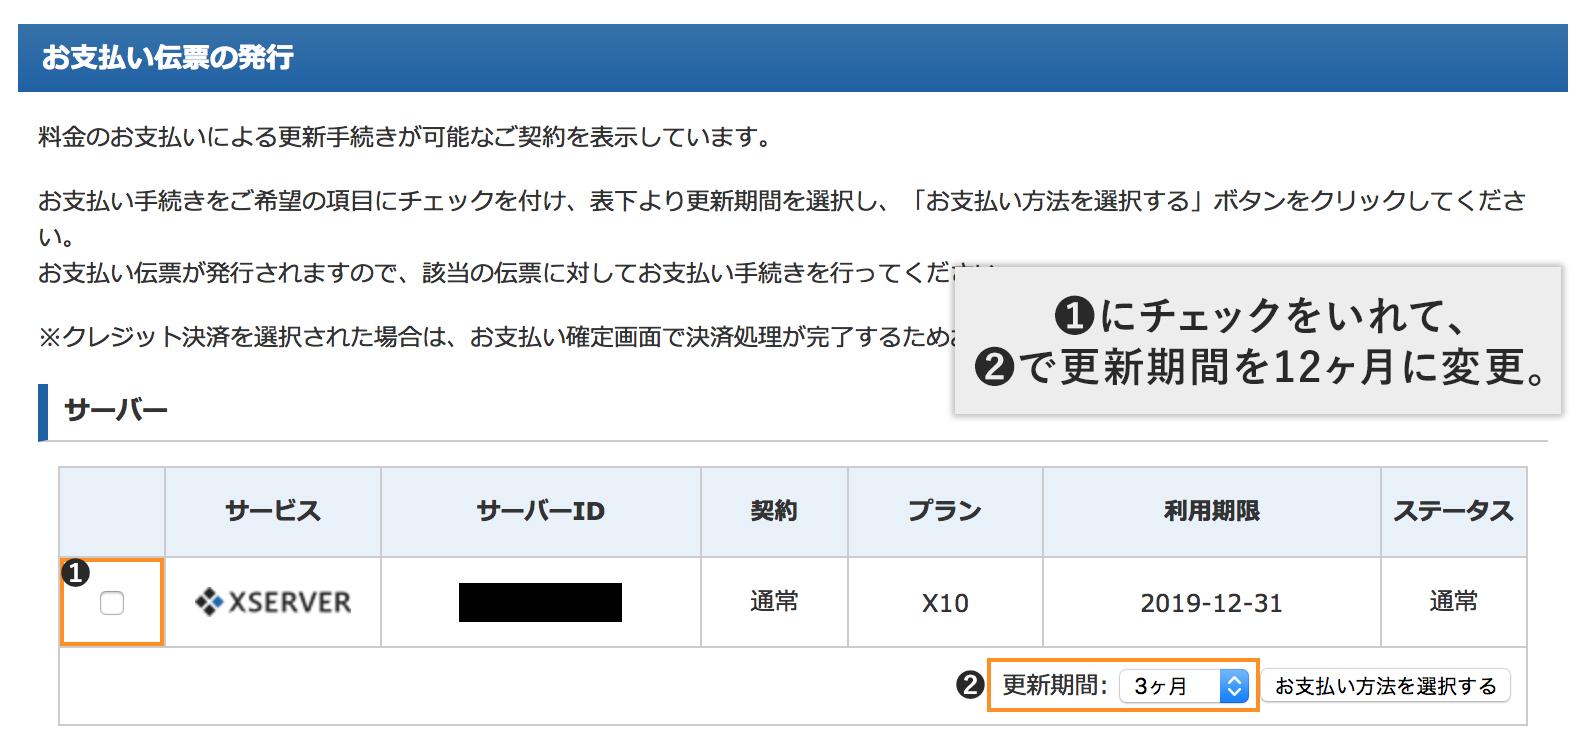 支払いをするアカウントにチェックを入れて、更新期間を12ヶ月に変更する。